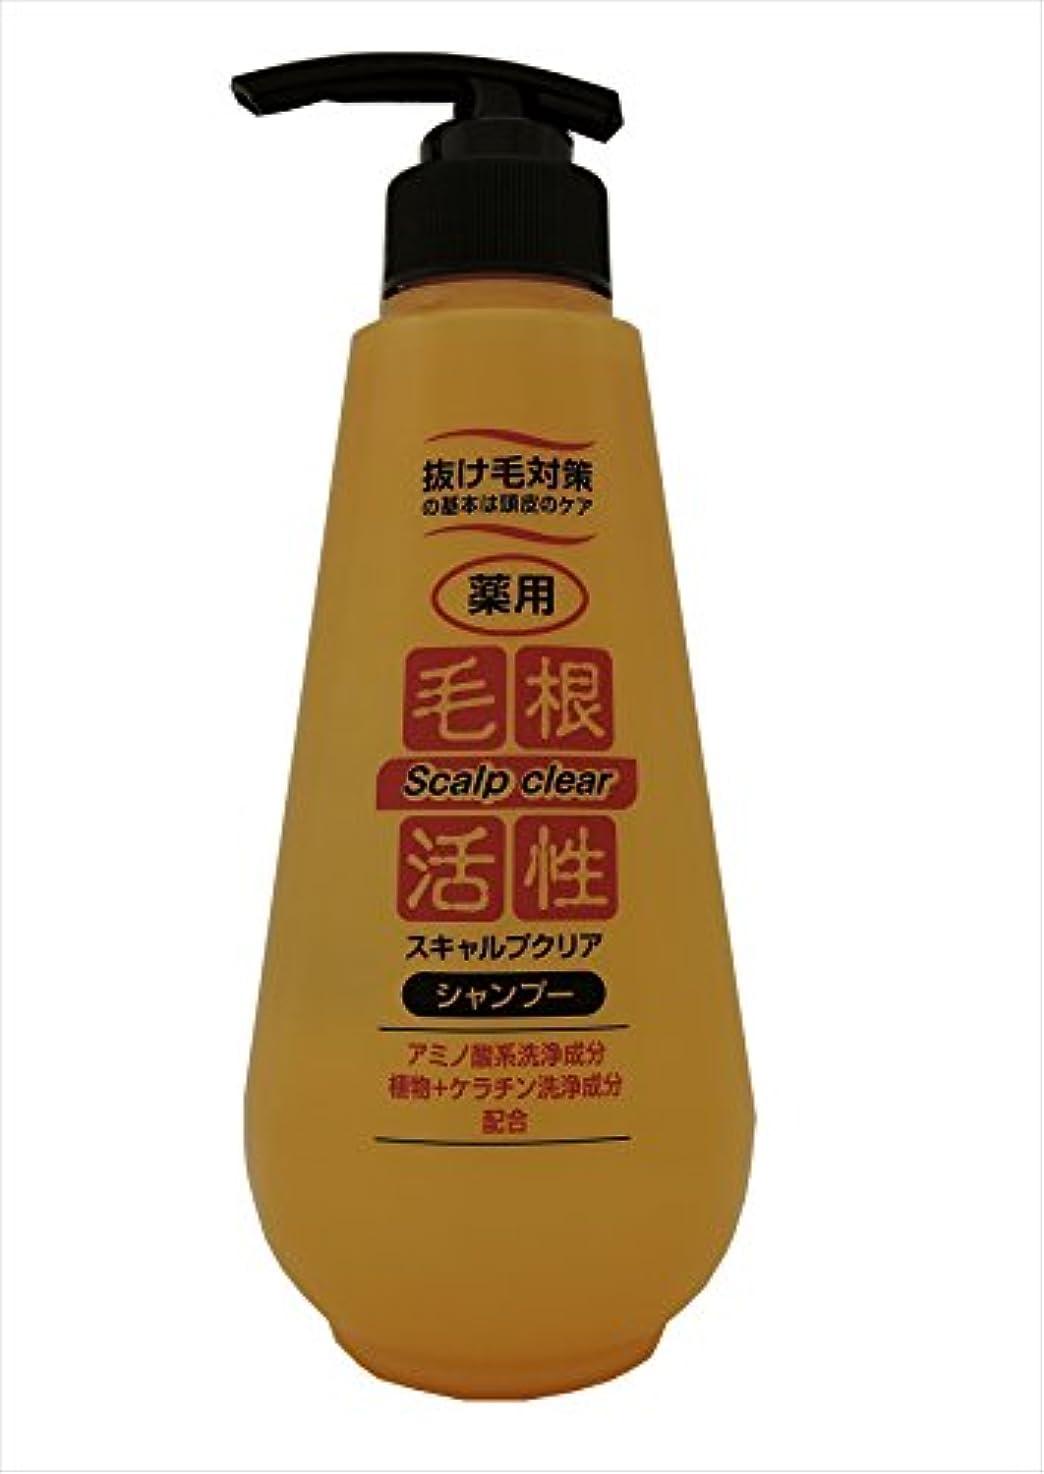 億レキシコンキノコ薬用 毛根活性 シャンプー 500ml